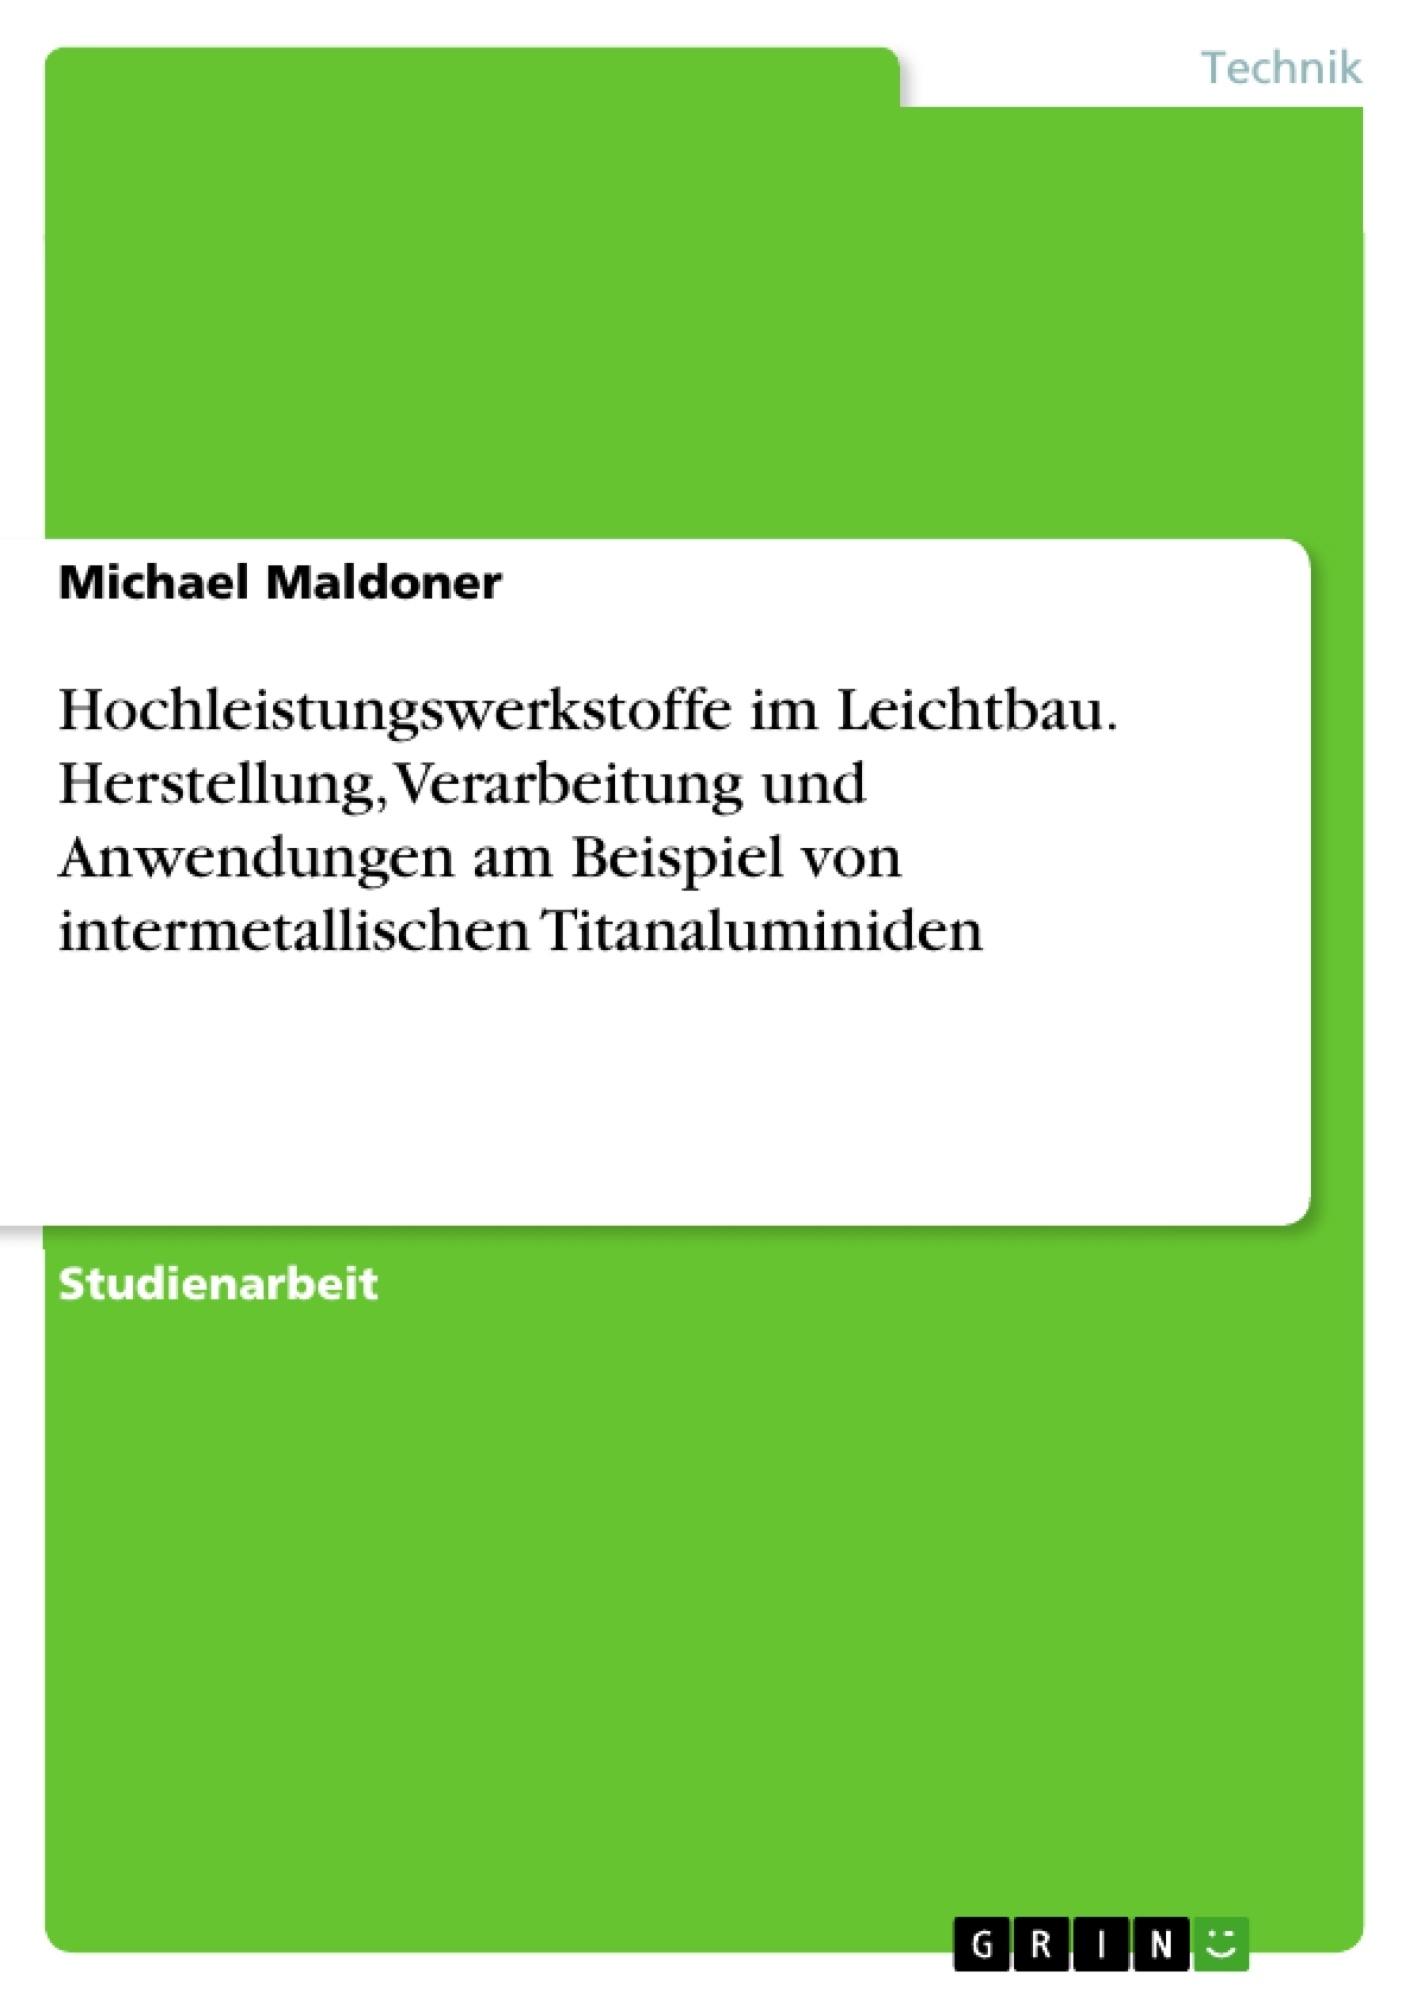 Titel: Hochleistungswerkstoffe im Leichtbau. Herstellung, Verarbeitung und Anwendungen am Beispiel von intermetallischen Titanaluminiden